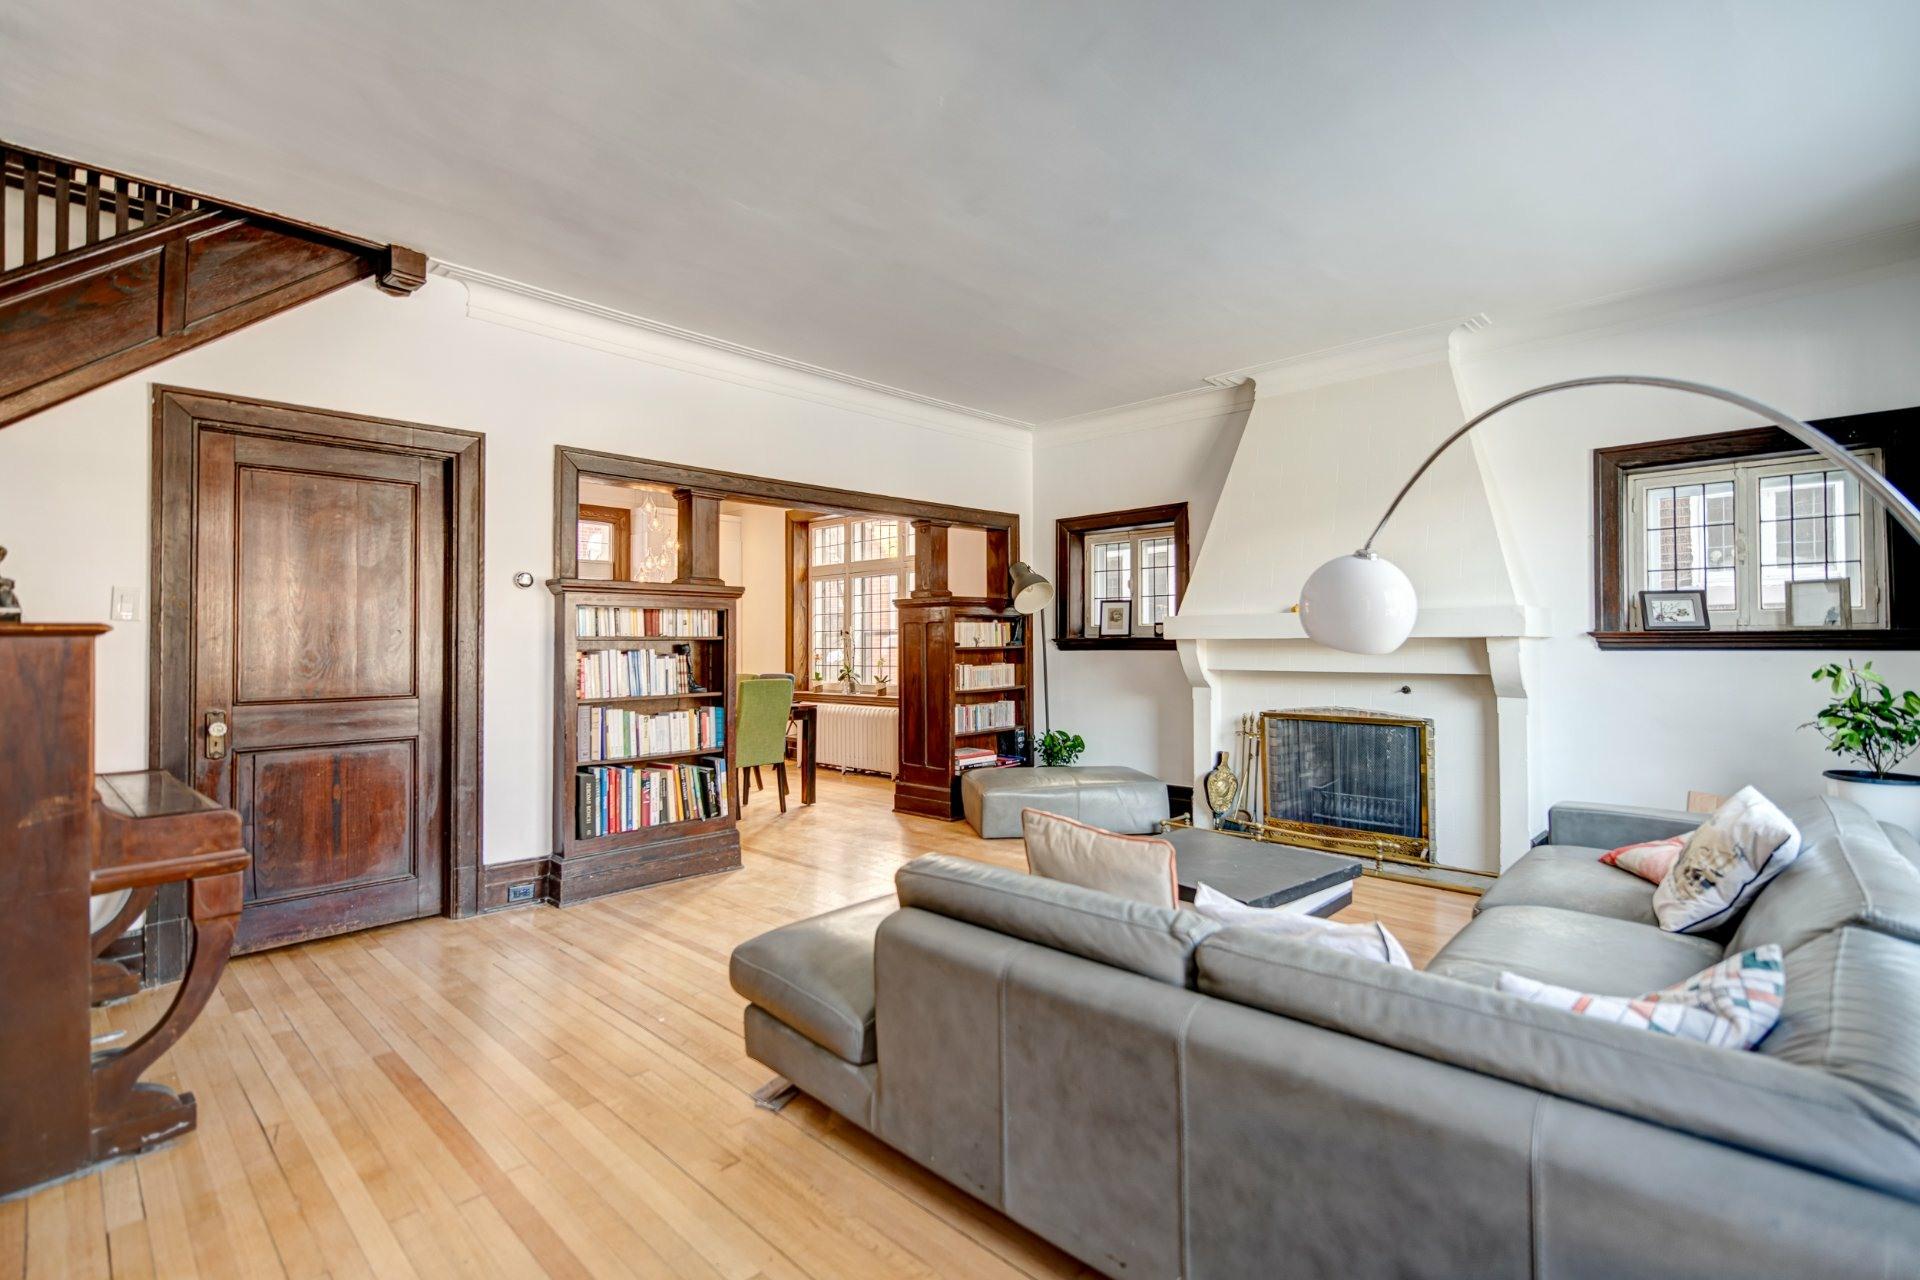 image 5 - House For sale Côte-des-Neiges/Notre-Dame-de-Grâce Montréal  - 10 rooms